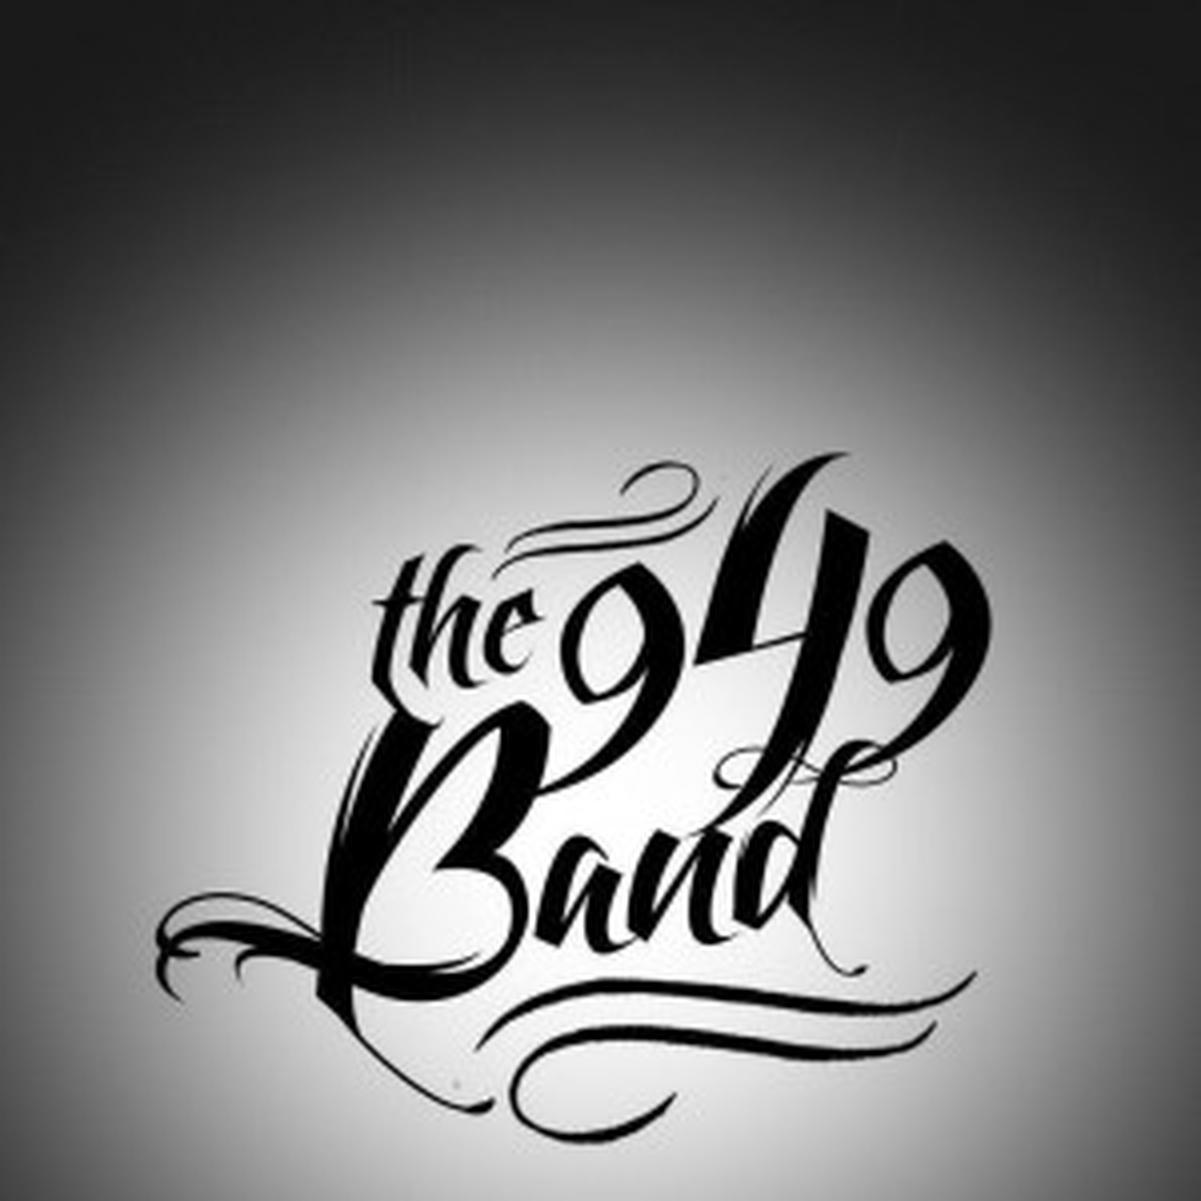 949 Band